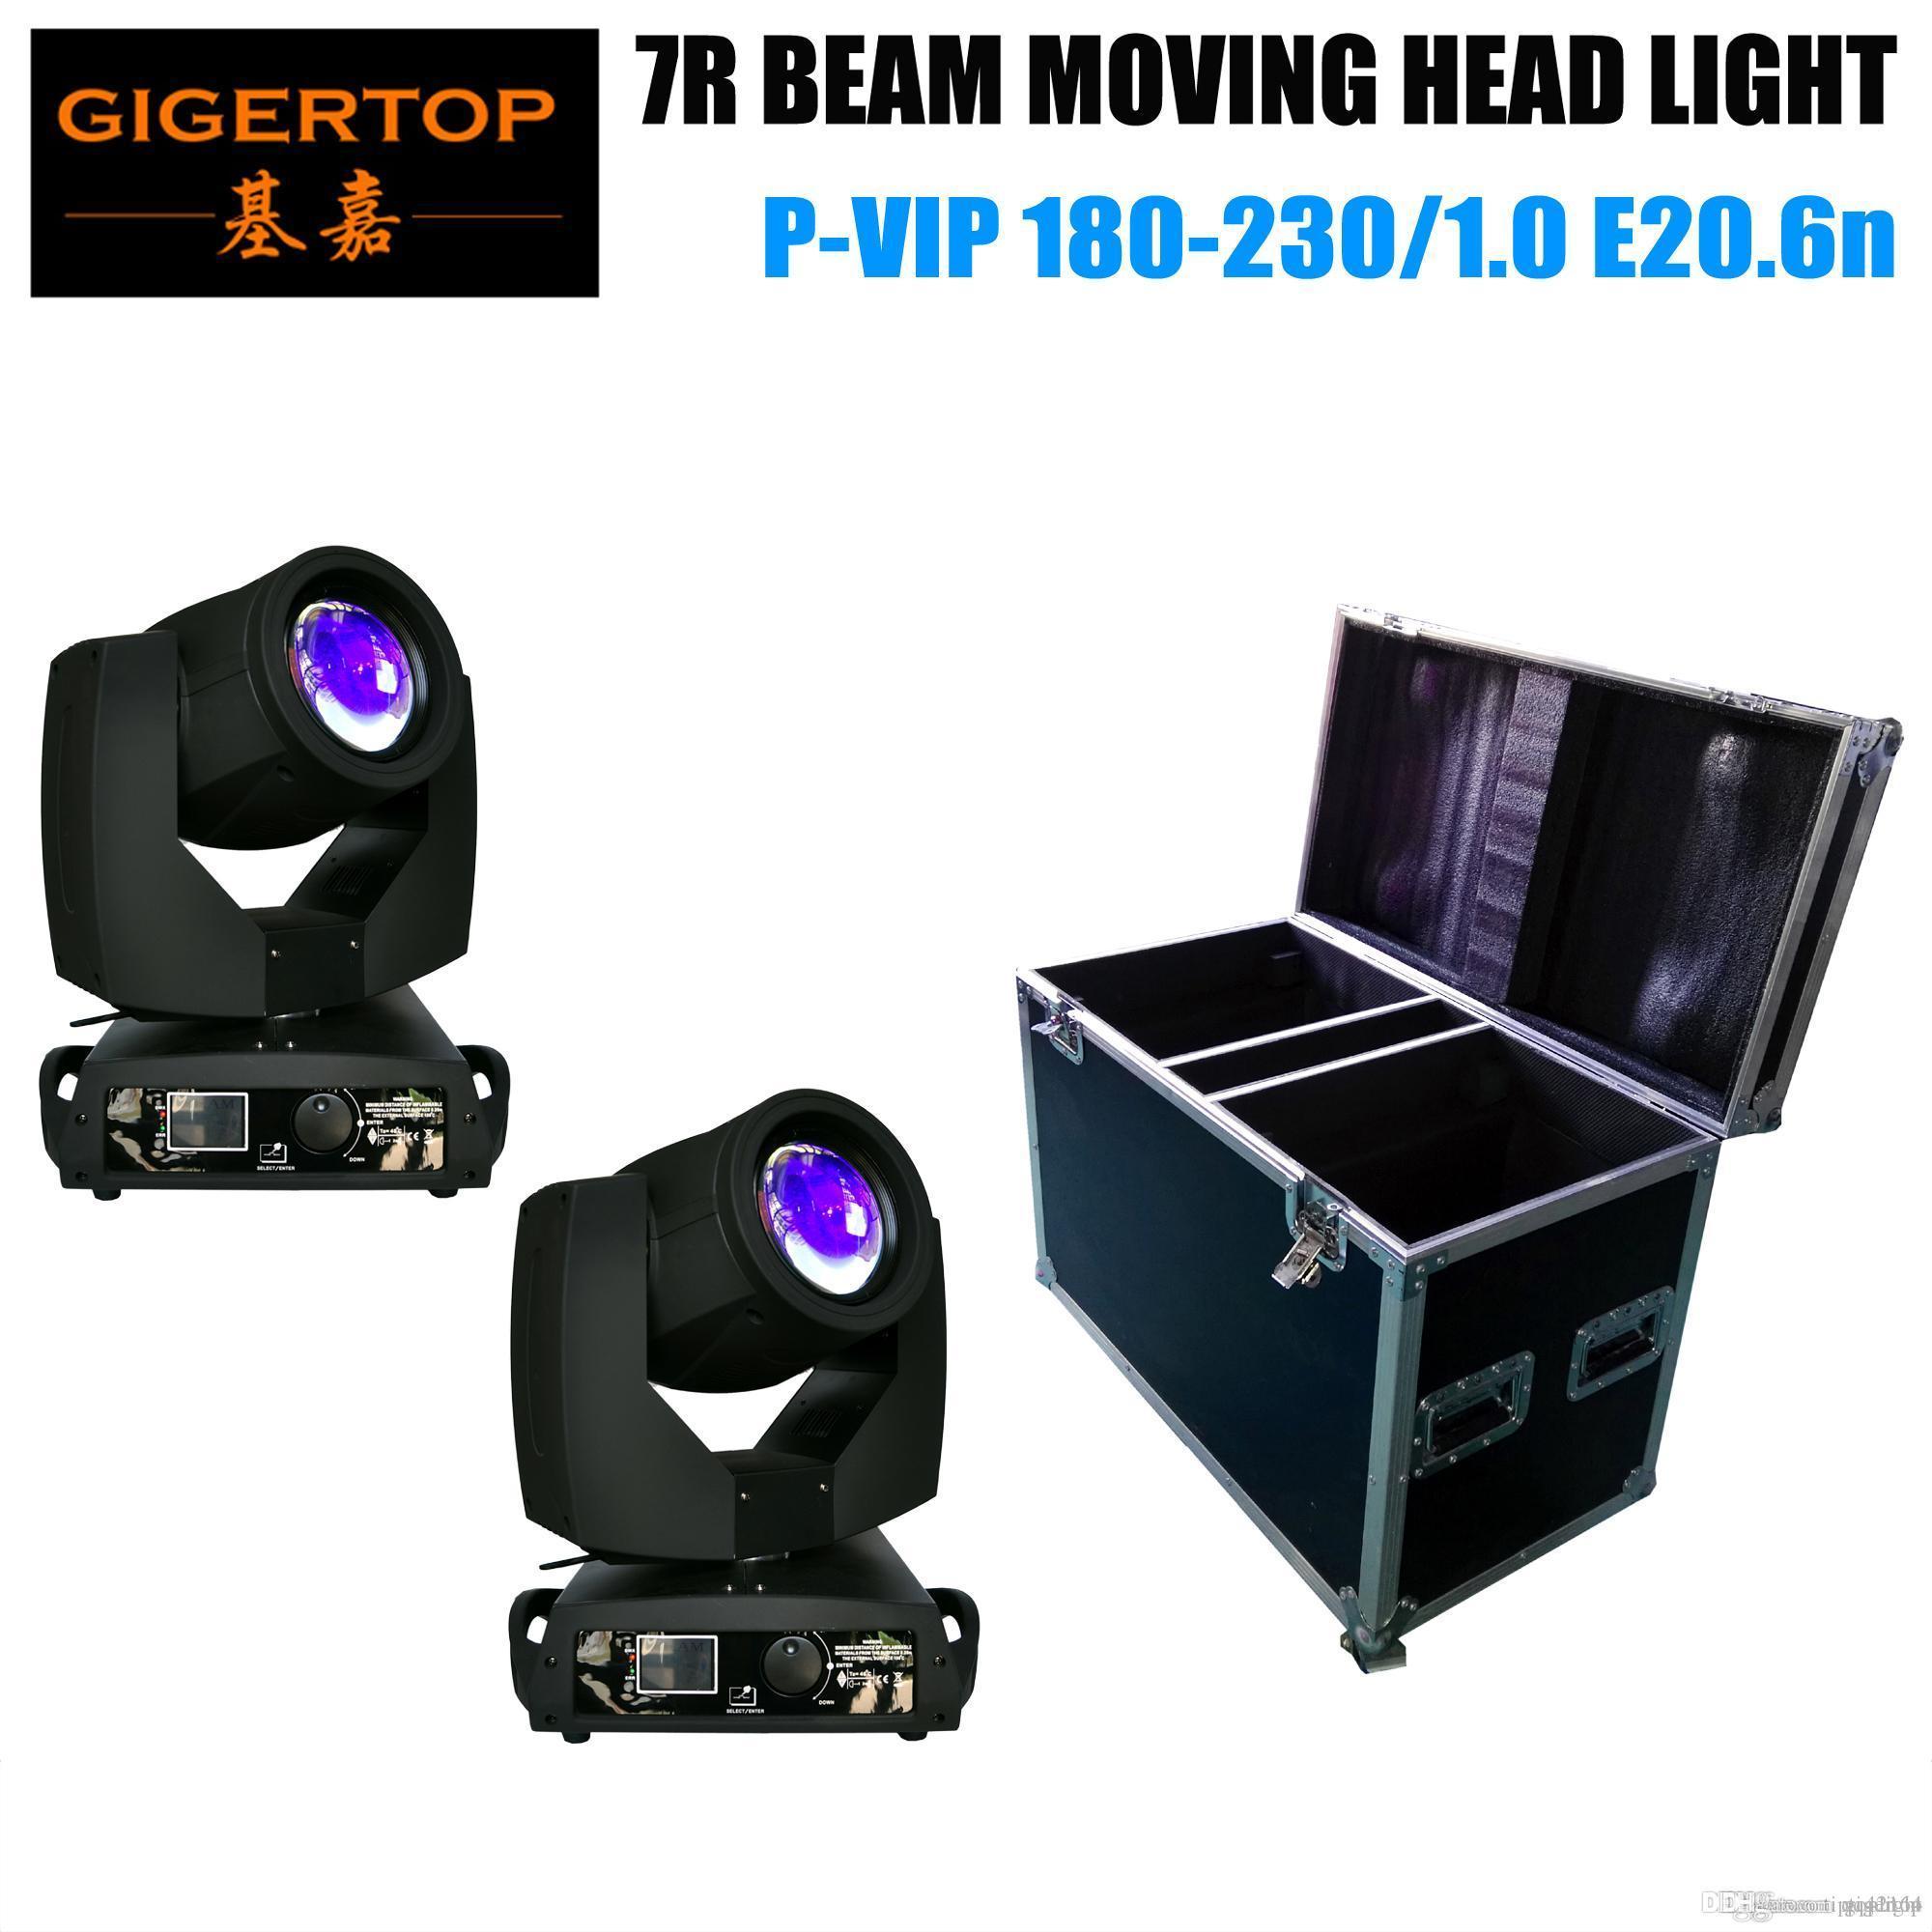 Flight Case 2IN1 Verpackung mit 2XLOT 230W 7R Sharpy Strahl-bewegliches Hauptlicht / Disco Studio Theater Stage Moving Heads 16 Prism